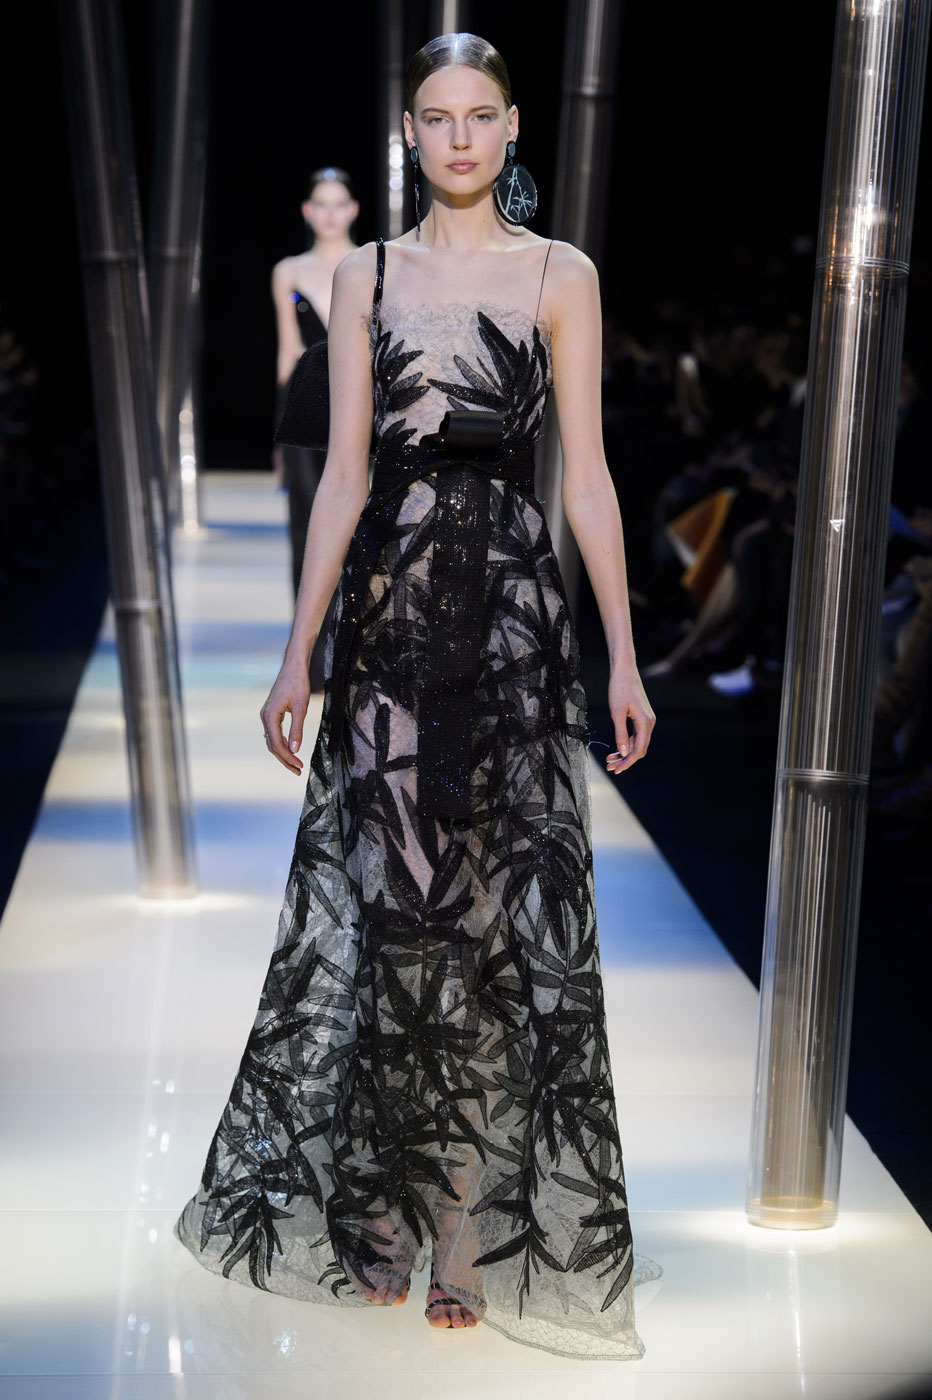 Giorgio-armani-Prive-fashion-runway-show-haute-couture-paris-spring-2015-the-impression-105